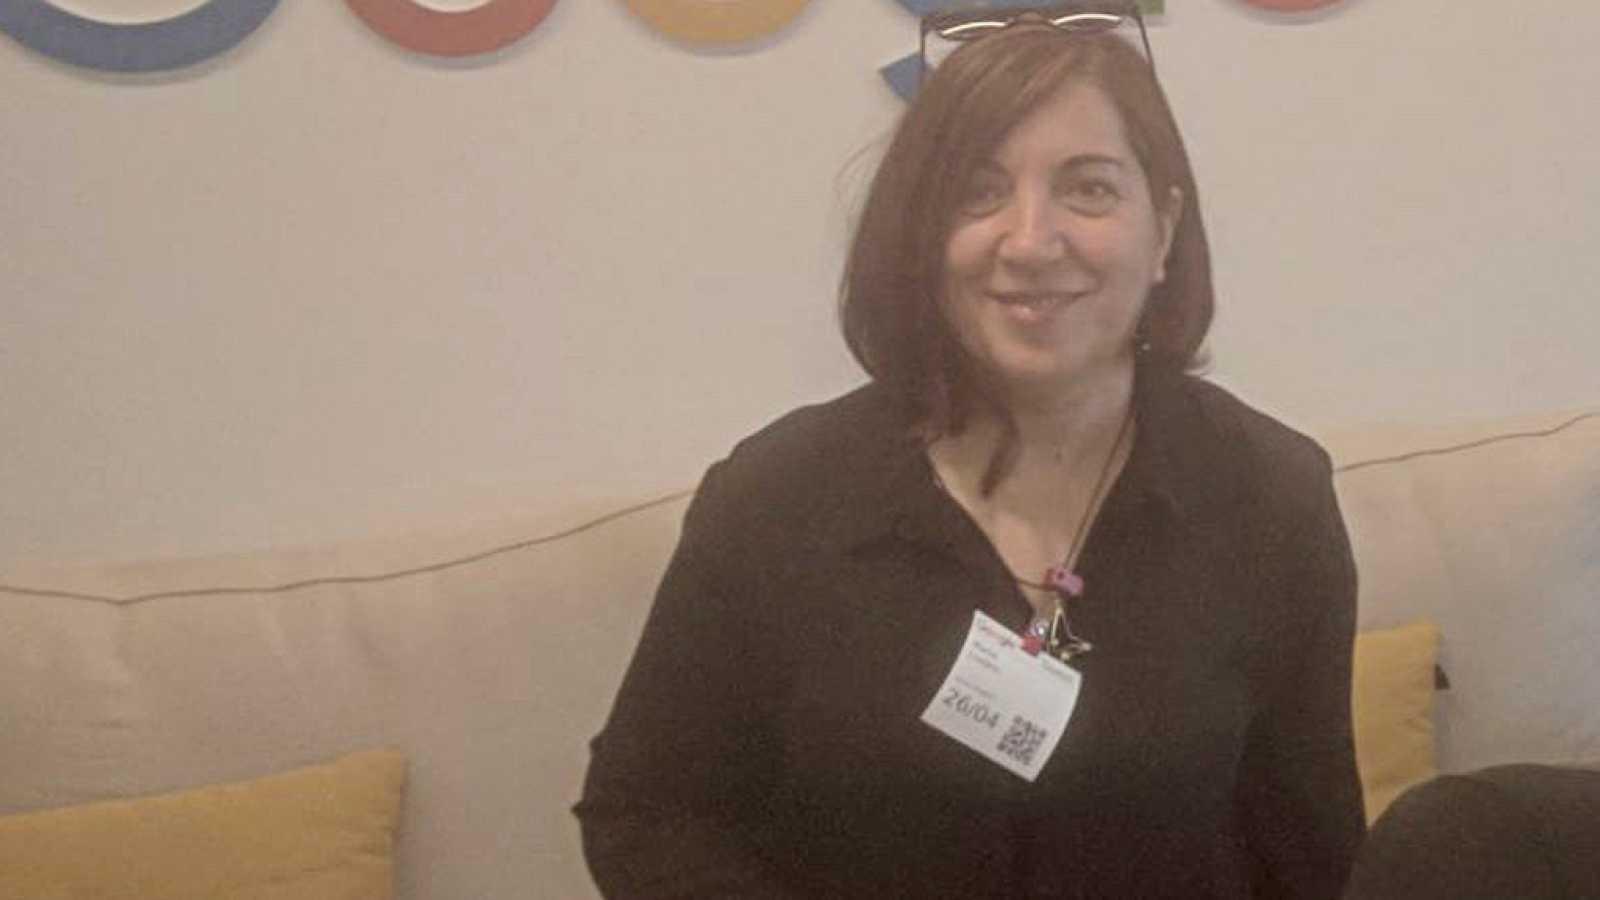 Punto de enlace - 'Aprendizaje de lenguas e inclusión', proyecto de María Lozano en Roma - 14/03/19 - escuchar ahora